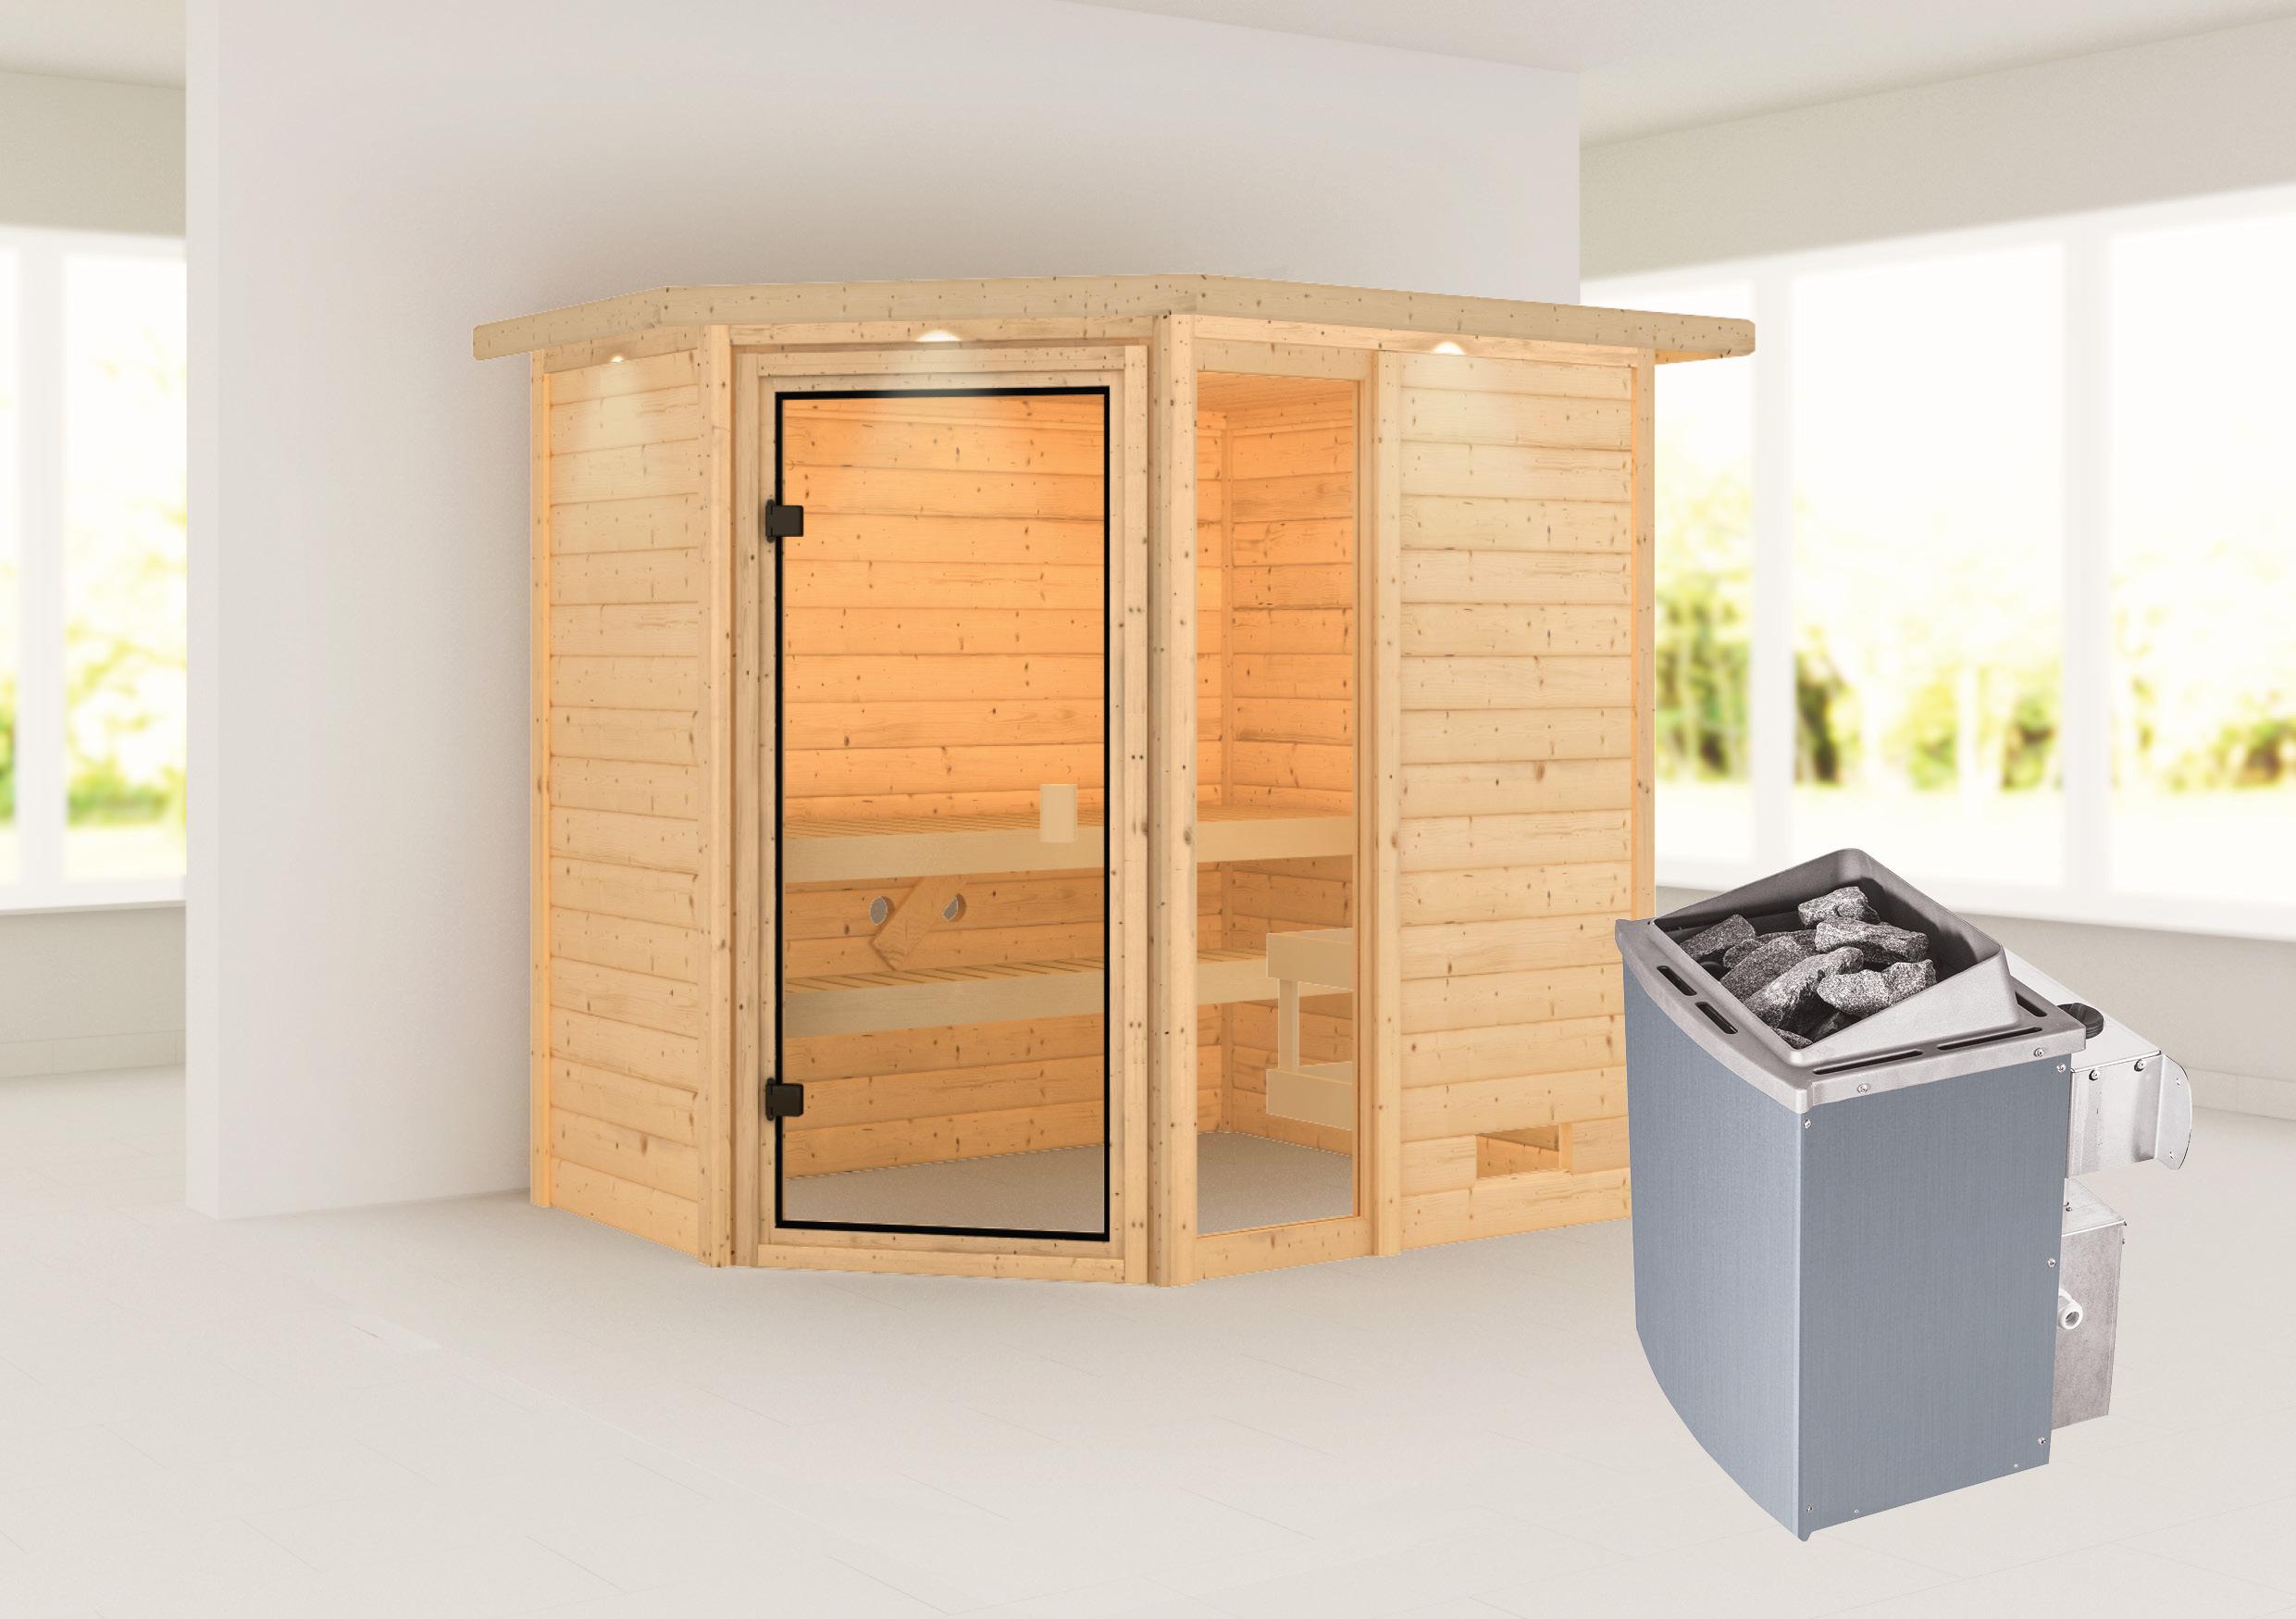 Woodfeeling Sauna Jada 38mm Dachkranz Saunaofen 9 kW intern Bild 1